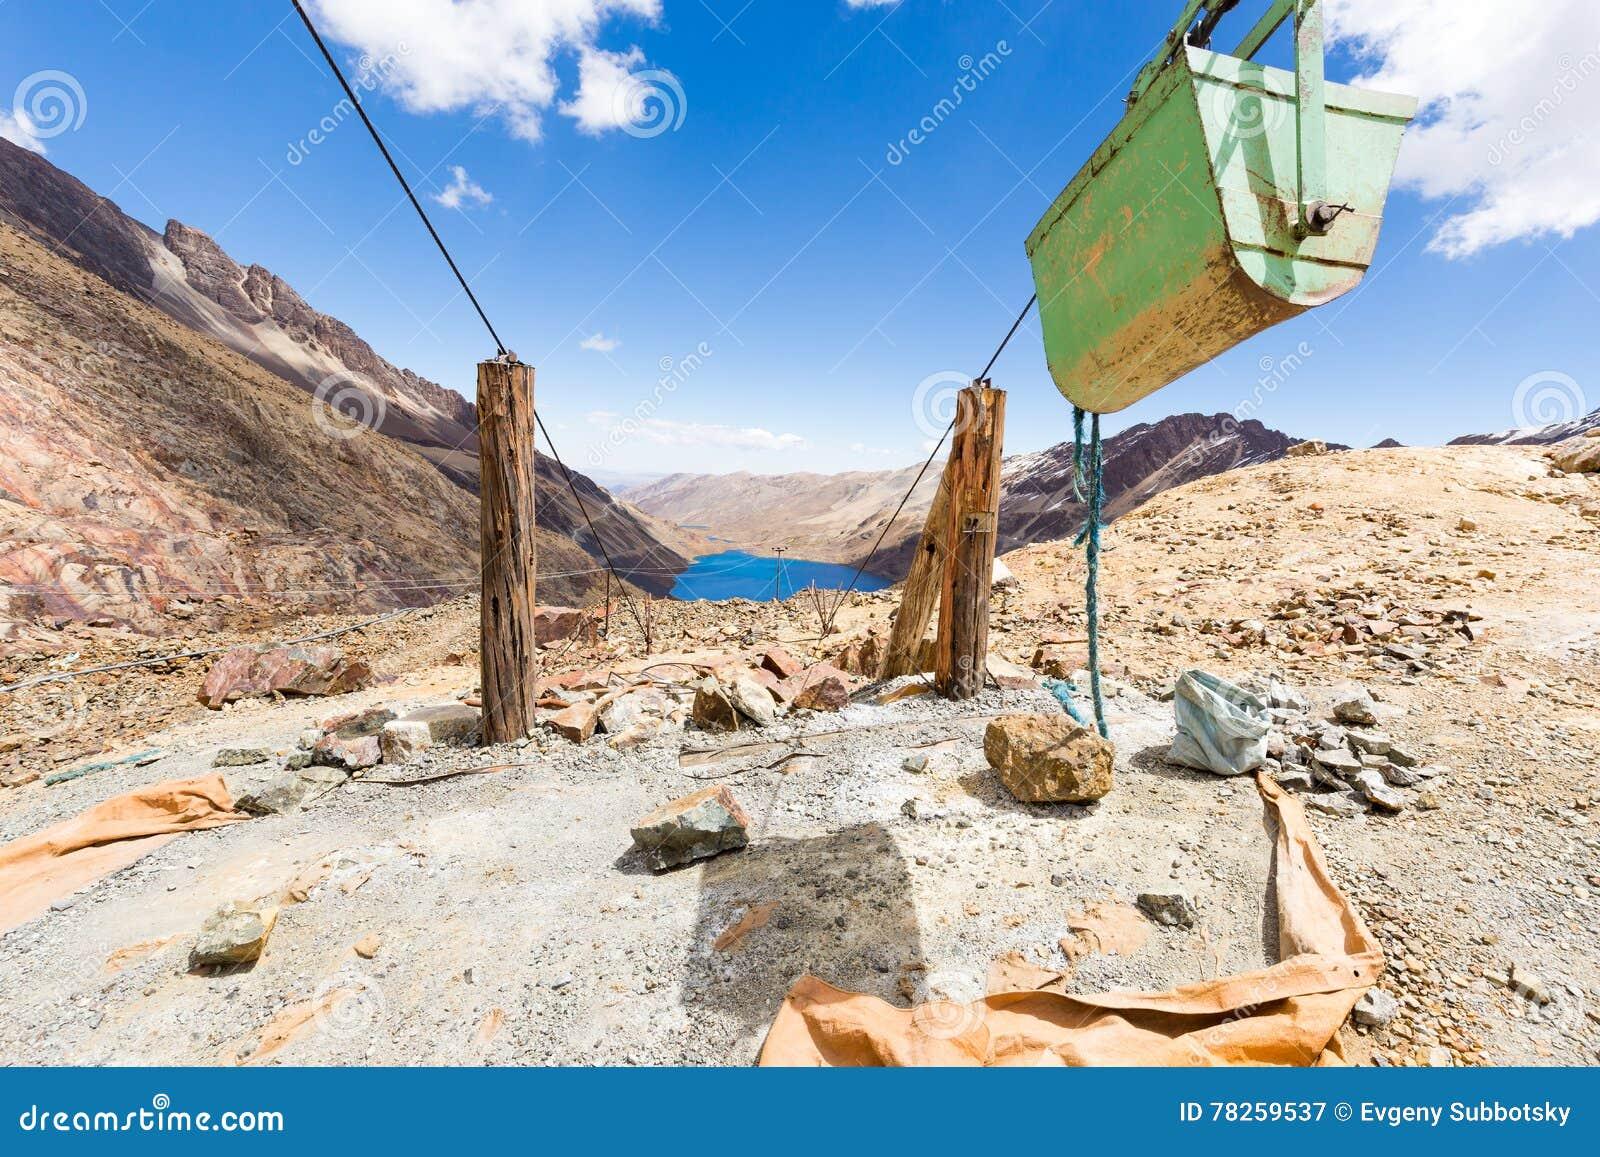 Λίμνη φορτηγών μεταφορών βουνών καροτσακιών καλωδίων ορυχείου, βιομηχανία της Βολιβίας